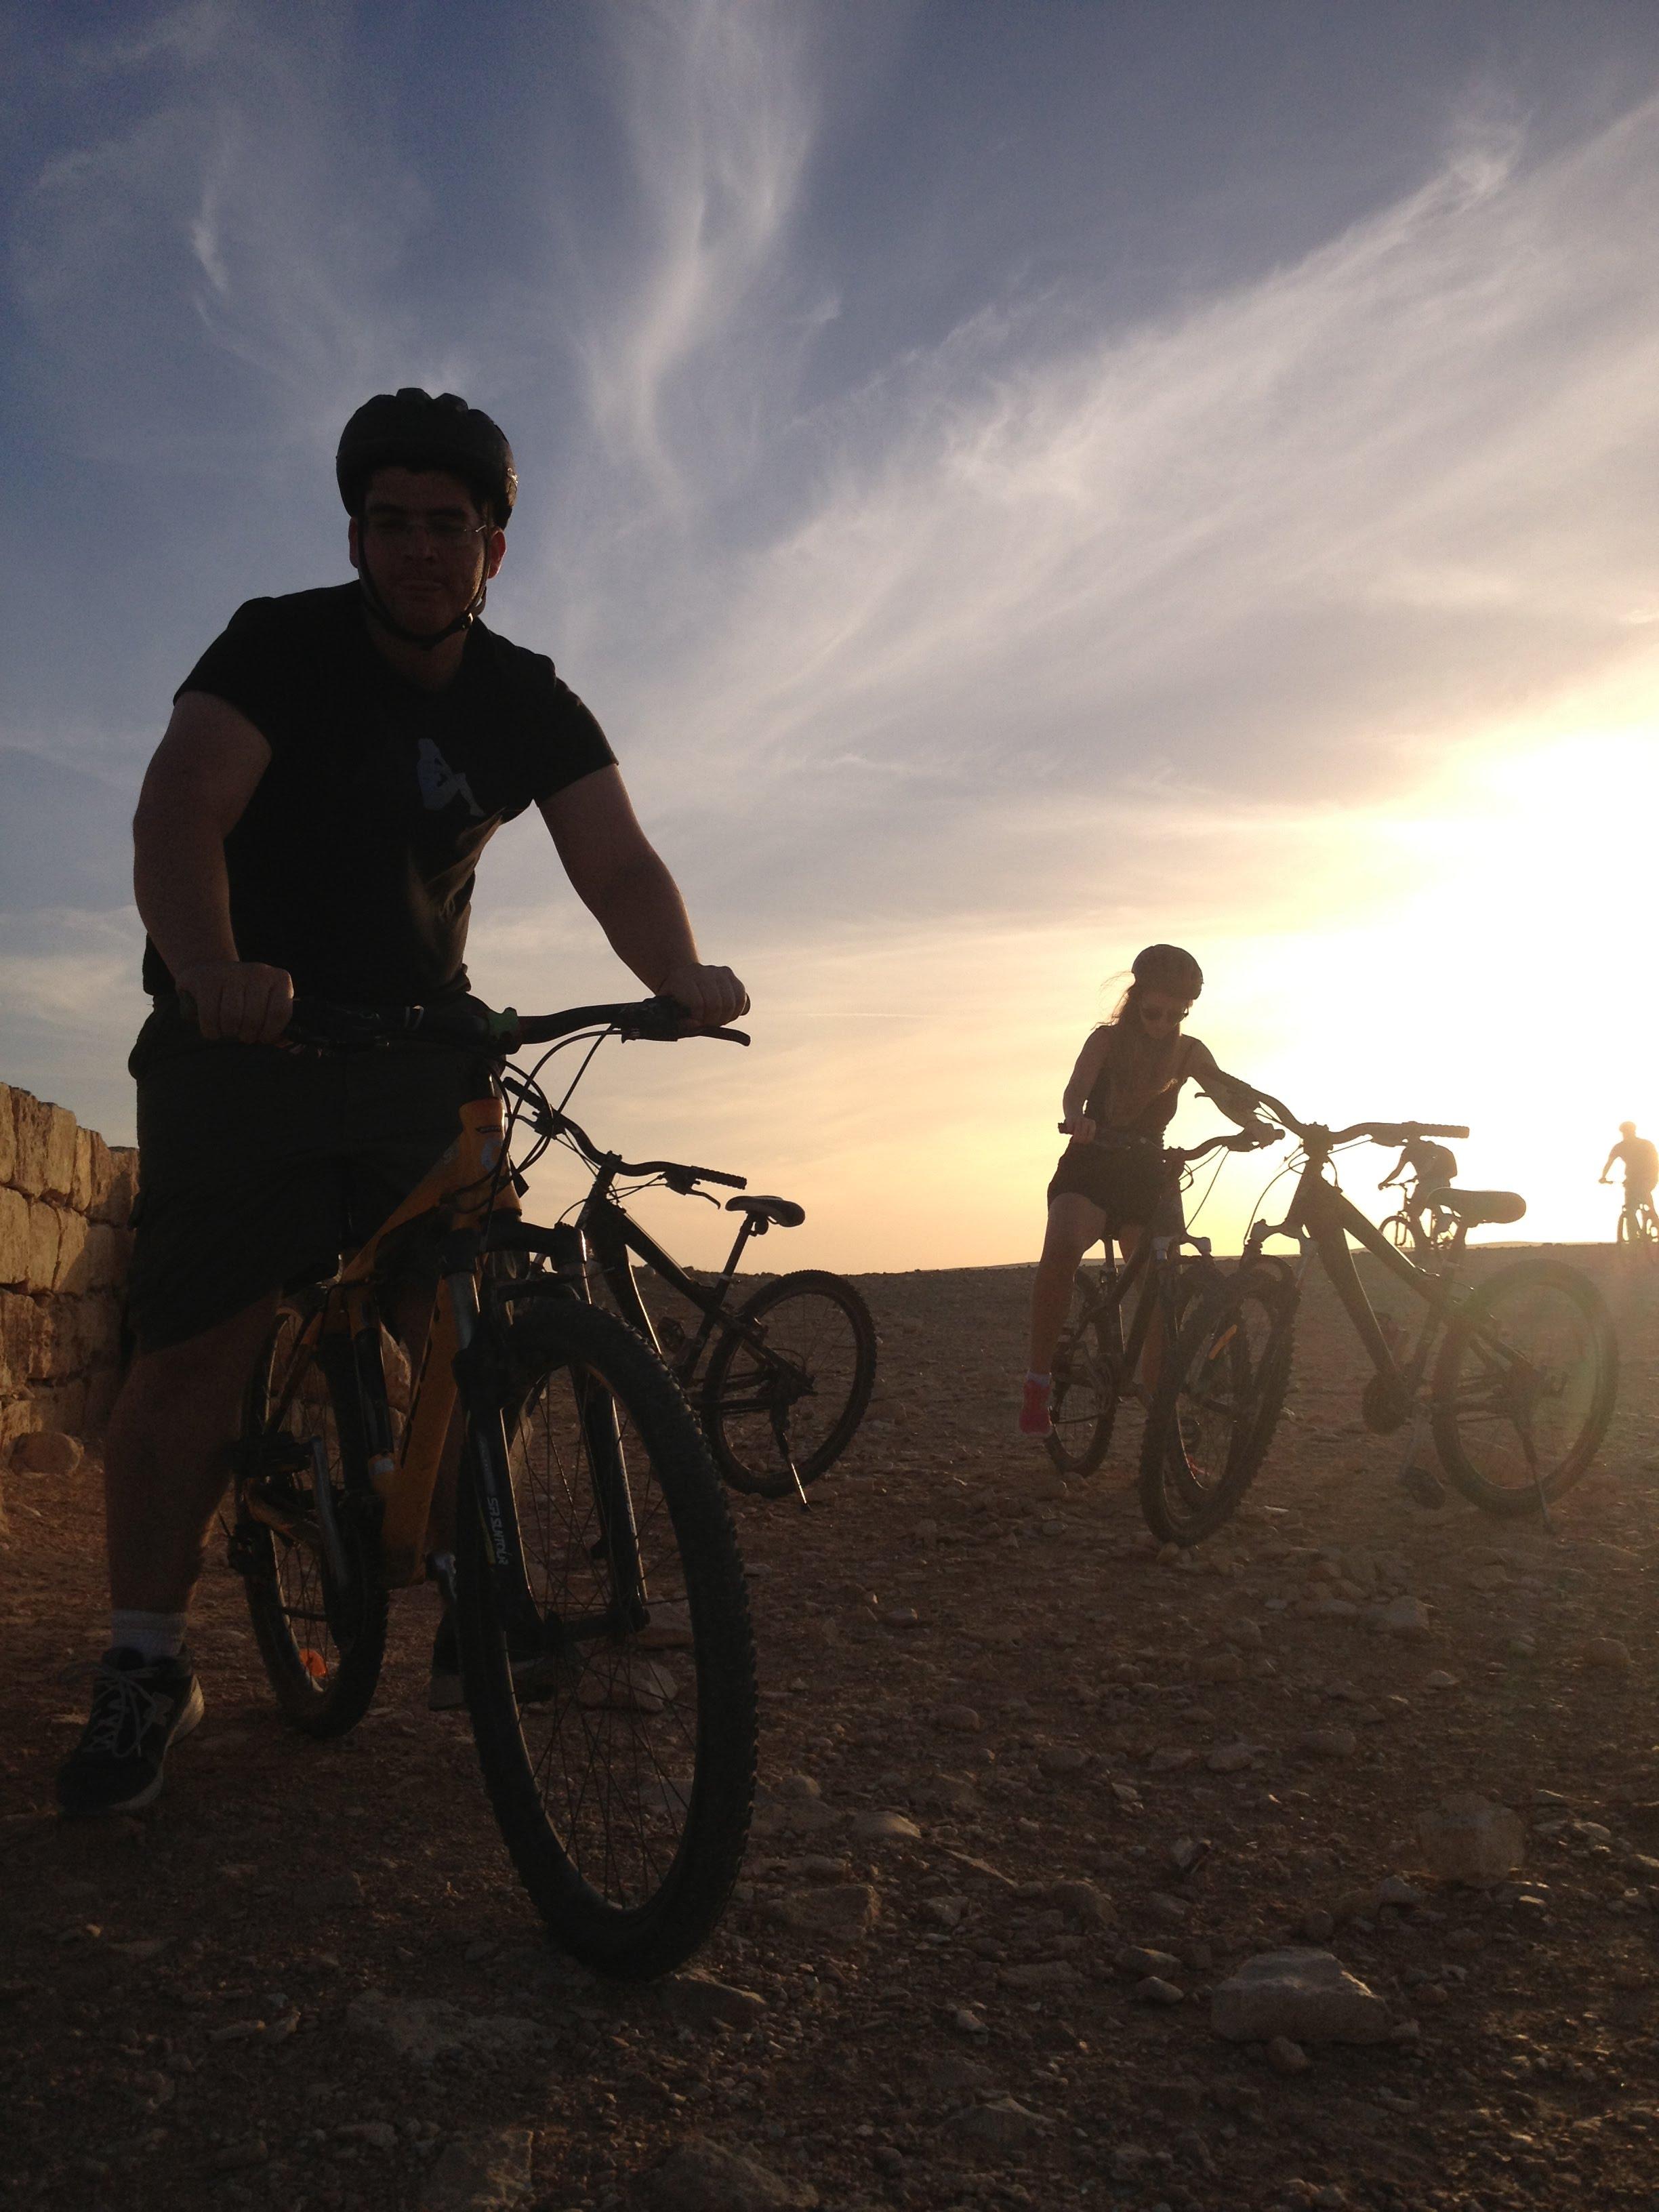 טיולי אופניים בפארק הבשור